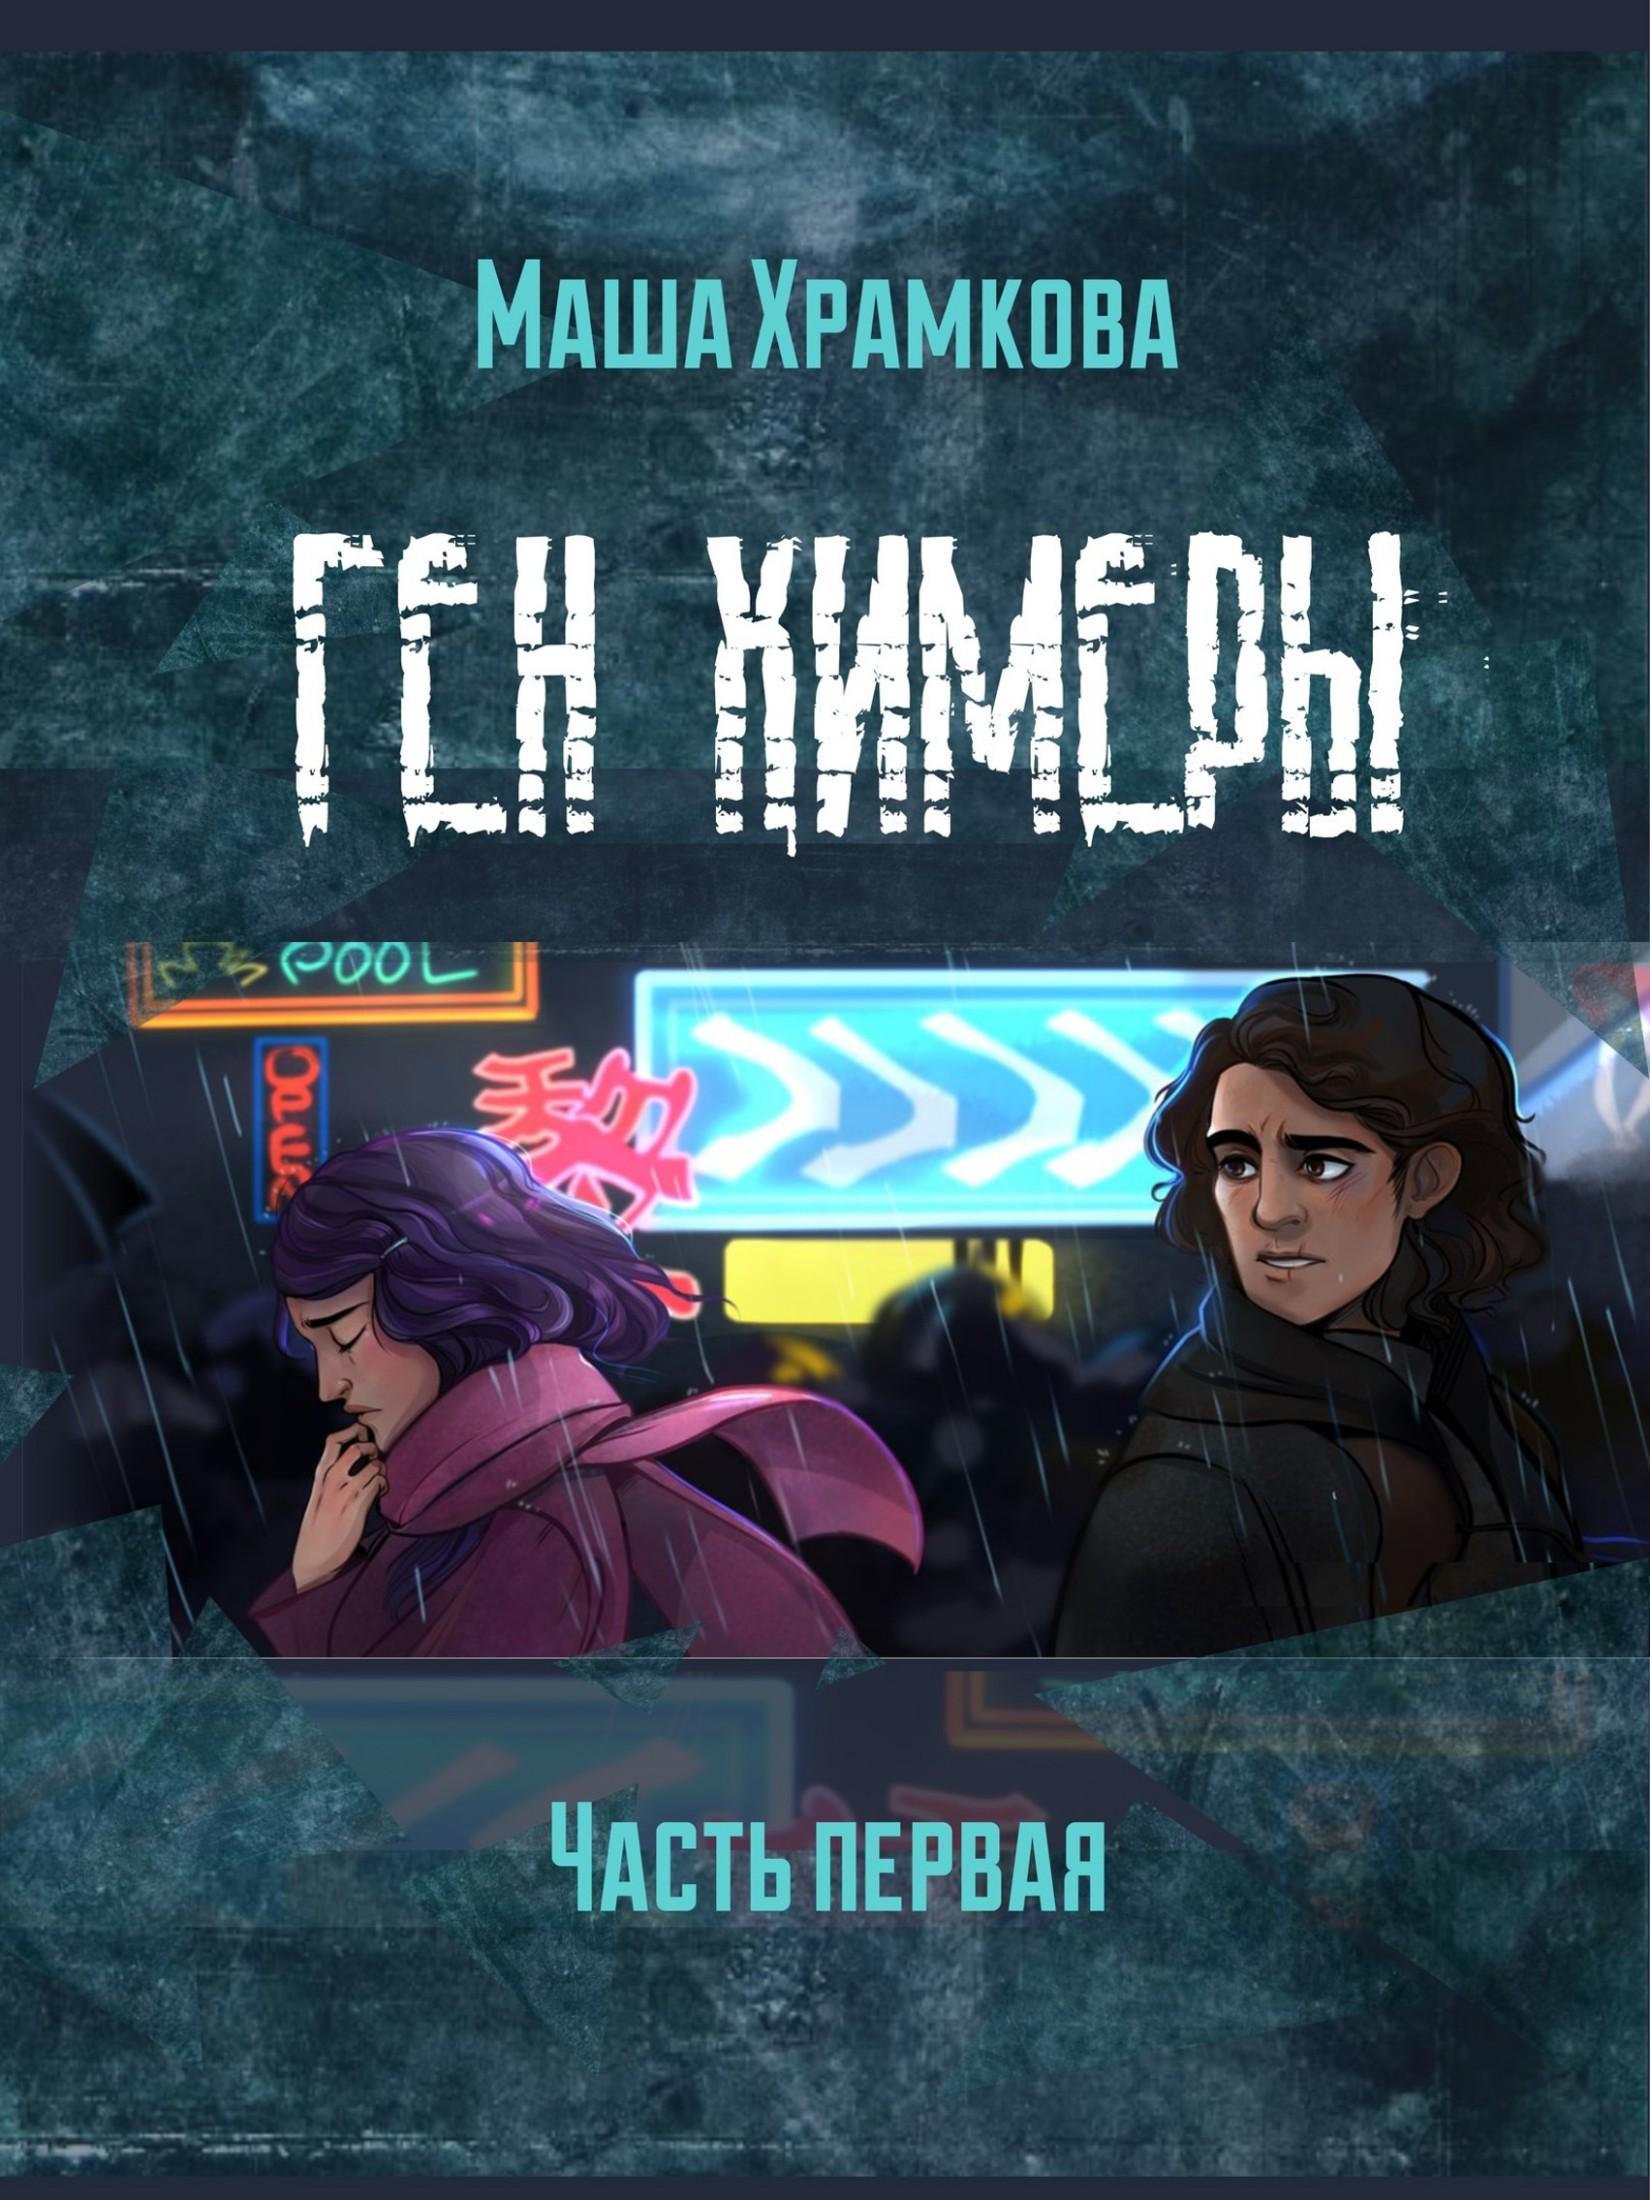 Гарри поттер читать все части на русском языке